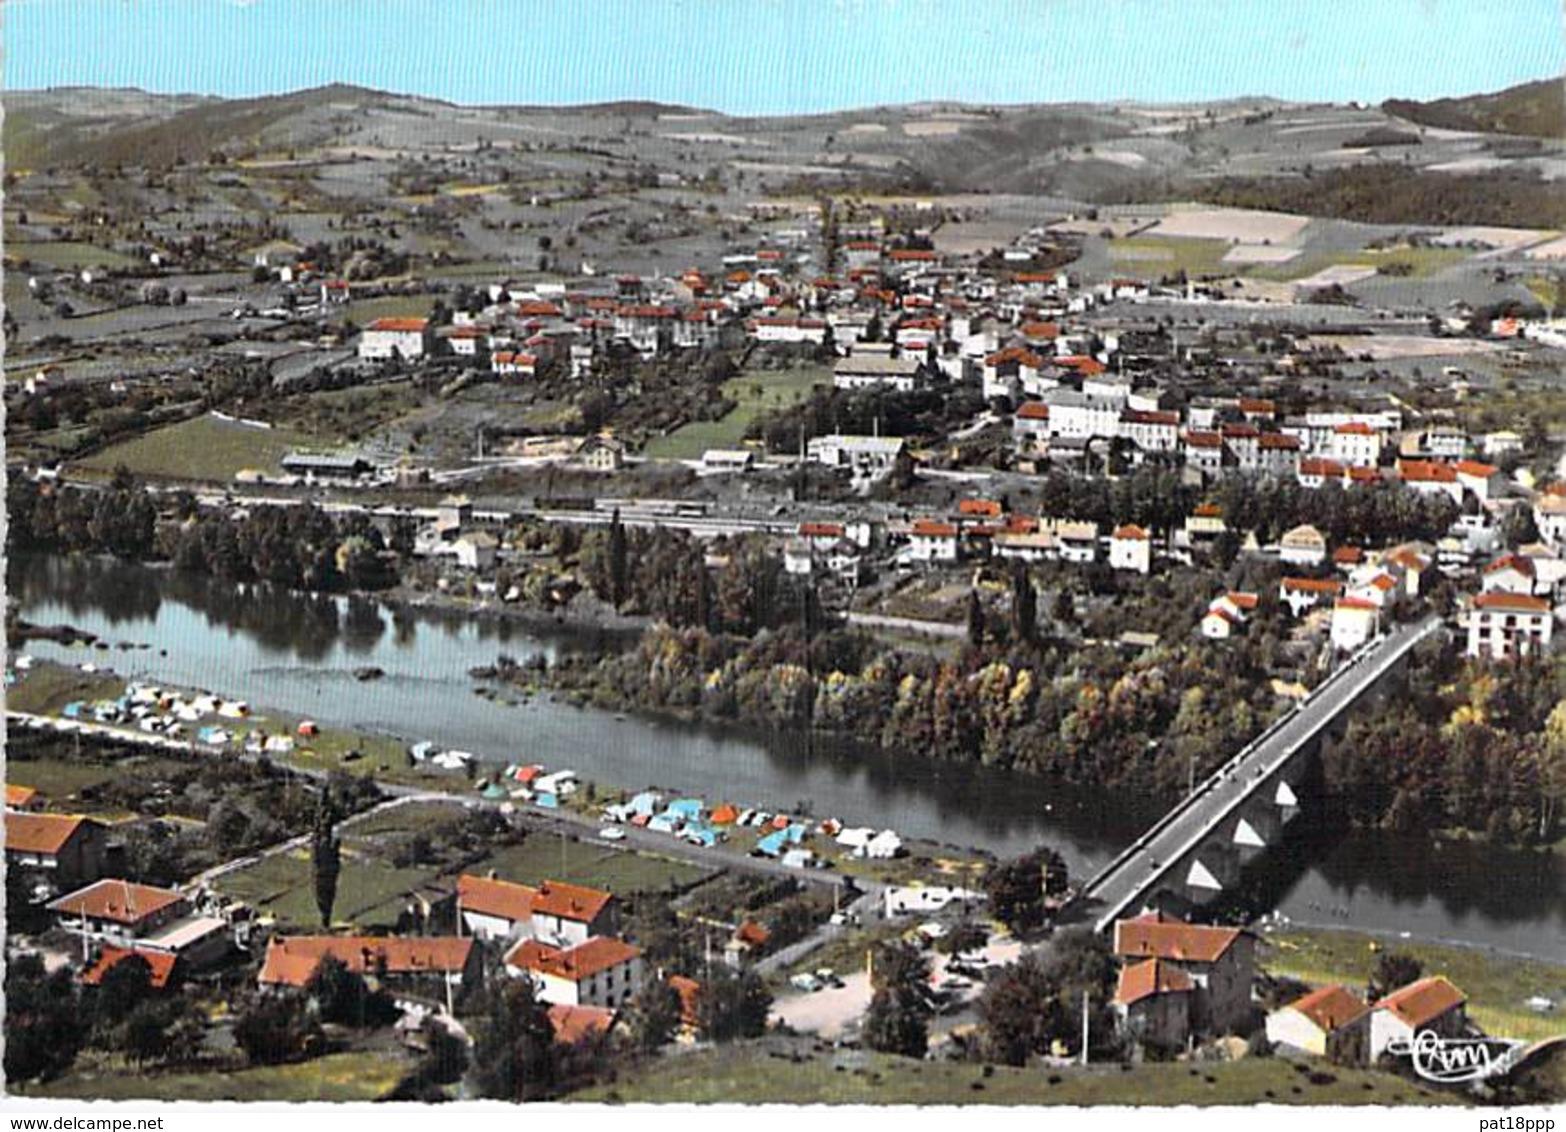 43 - RETOURNAC : Vue Panoramique Aérienne Et Le Camping - CPSM Dentelée Colorisée Grand Format 1968 - Haute Loire - Retournac